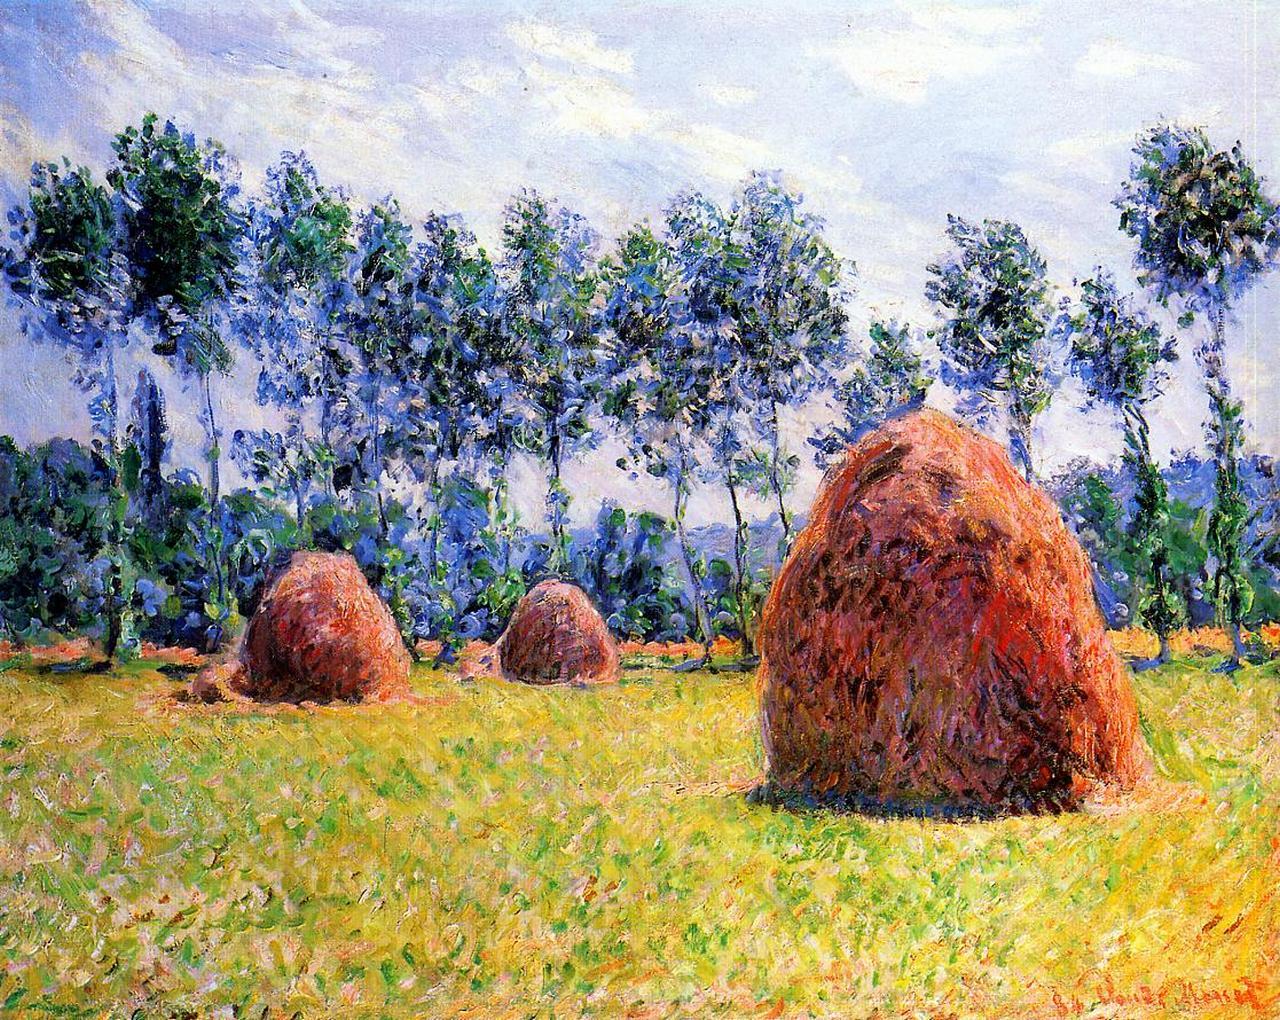 Клод Моне. «Стога сена в Живерни», 1884